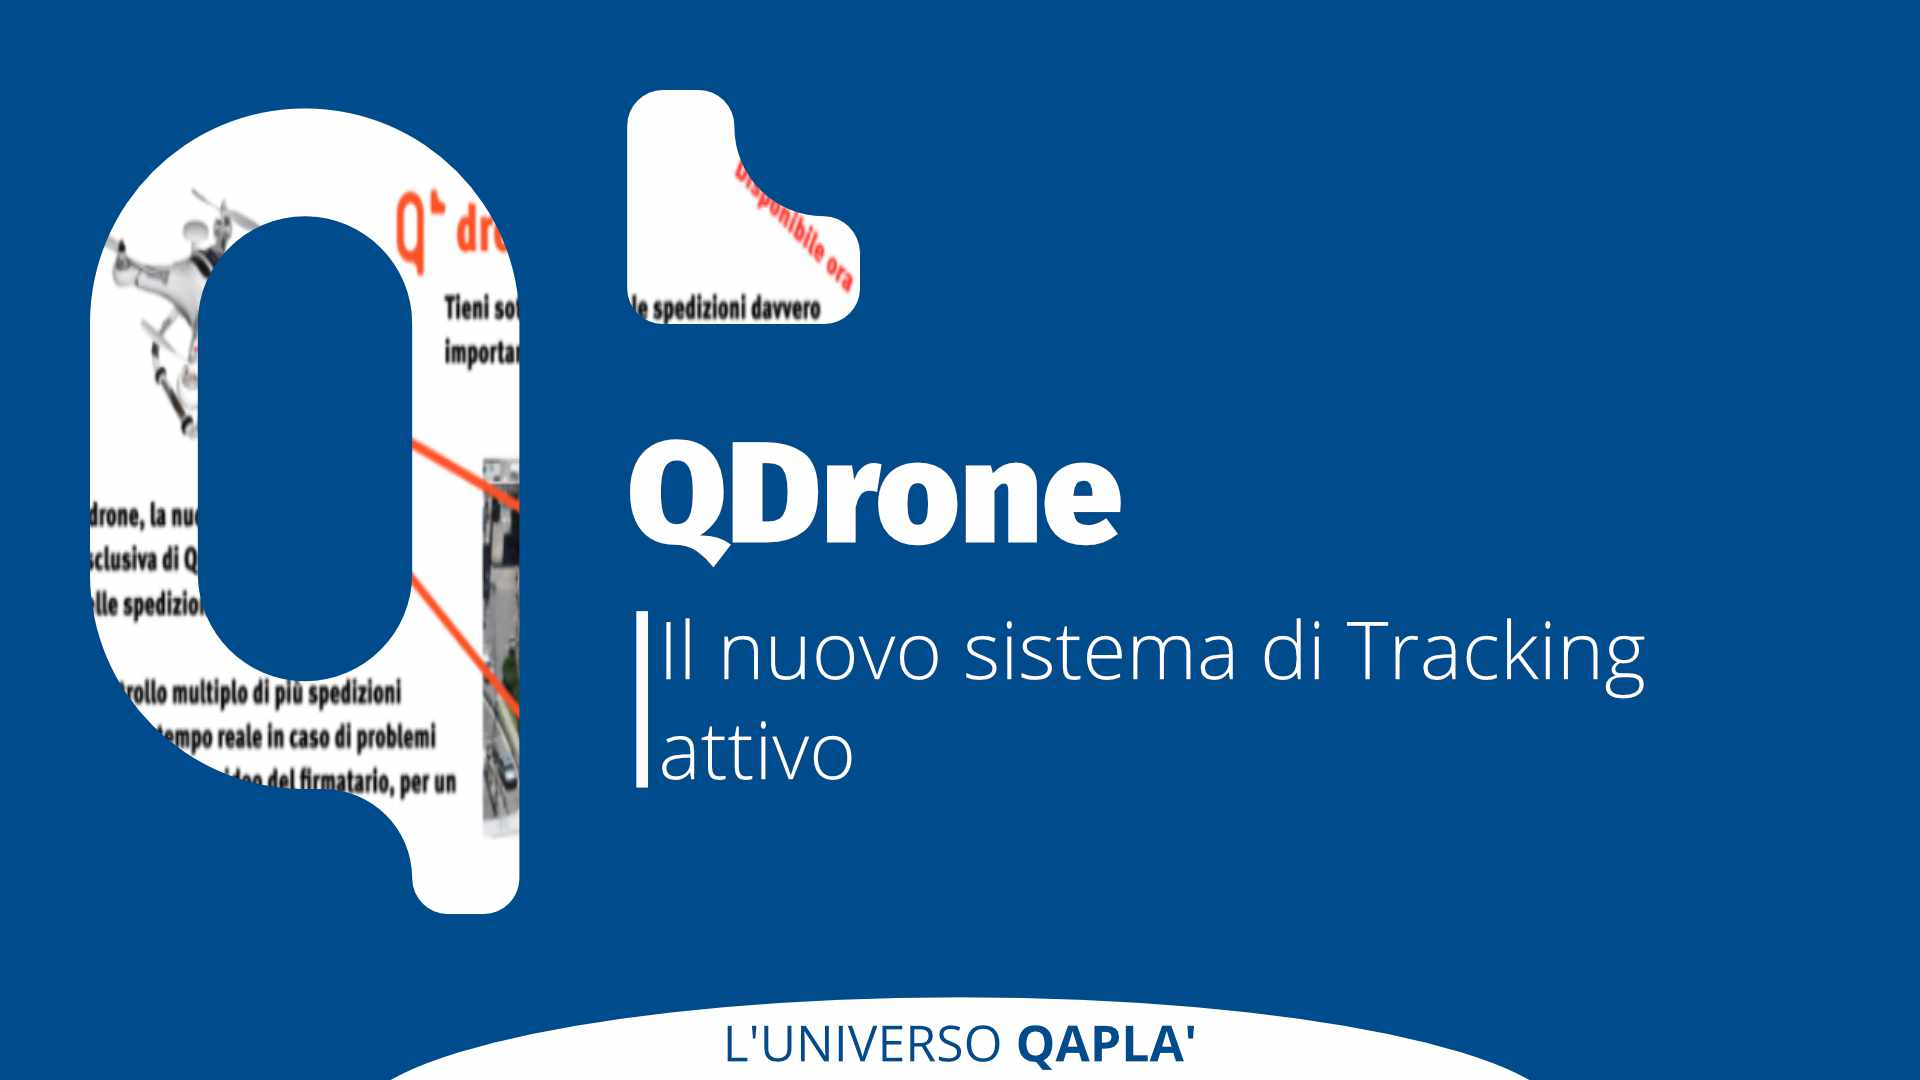 Qapla' lancia Qdrone, il nuovo sistema di tracking attivo